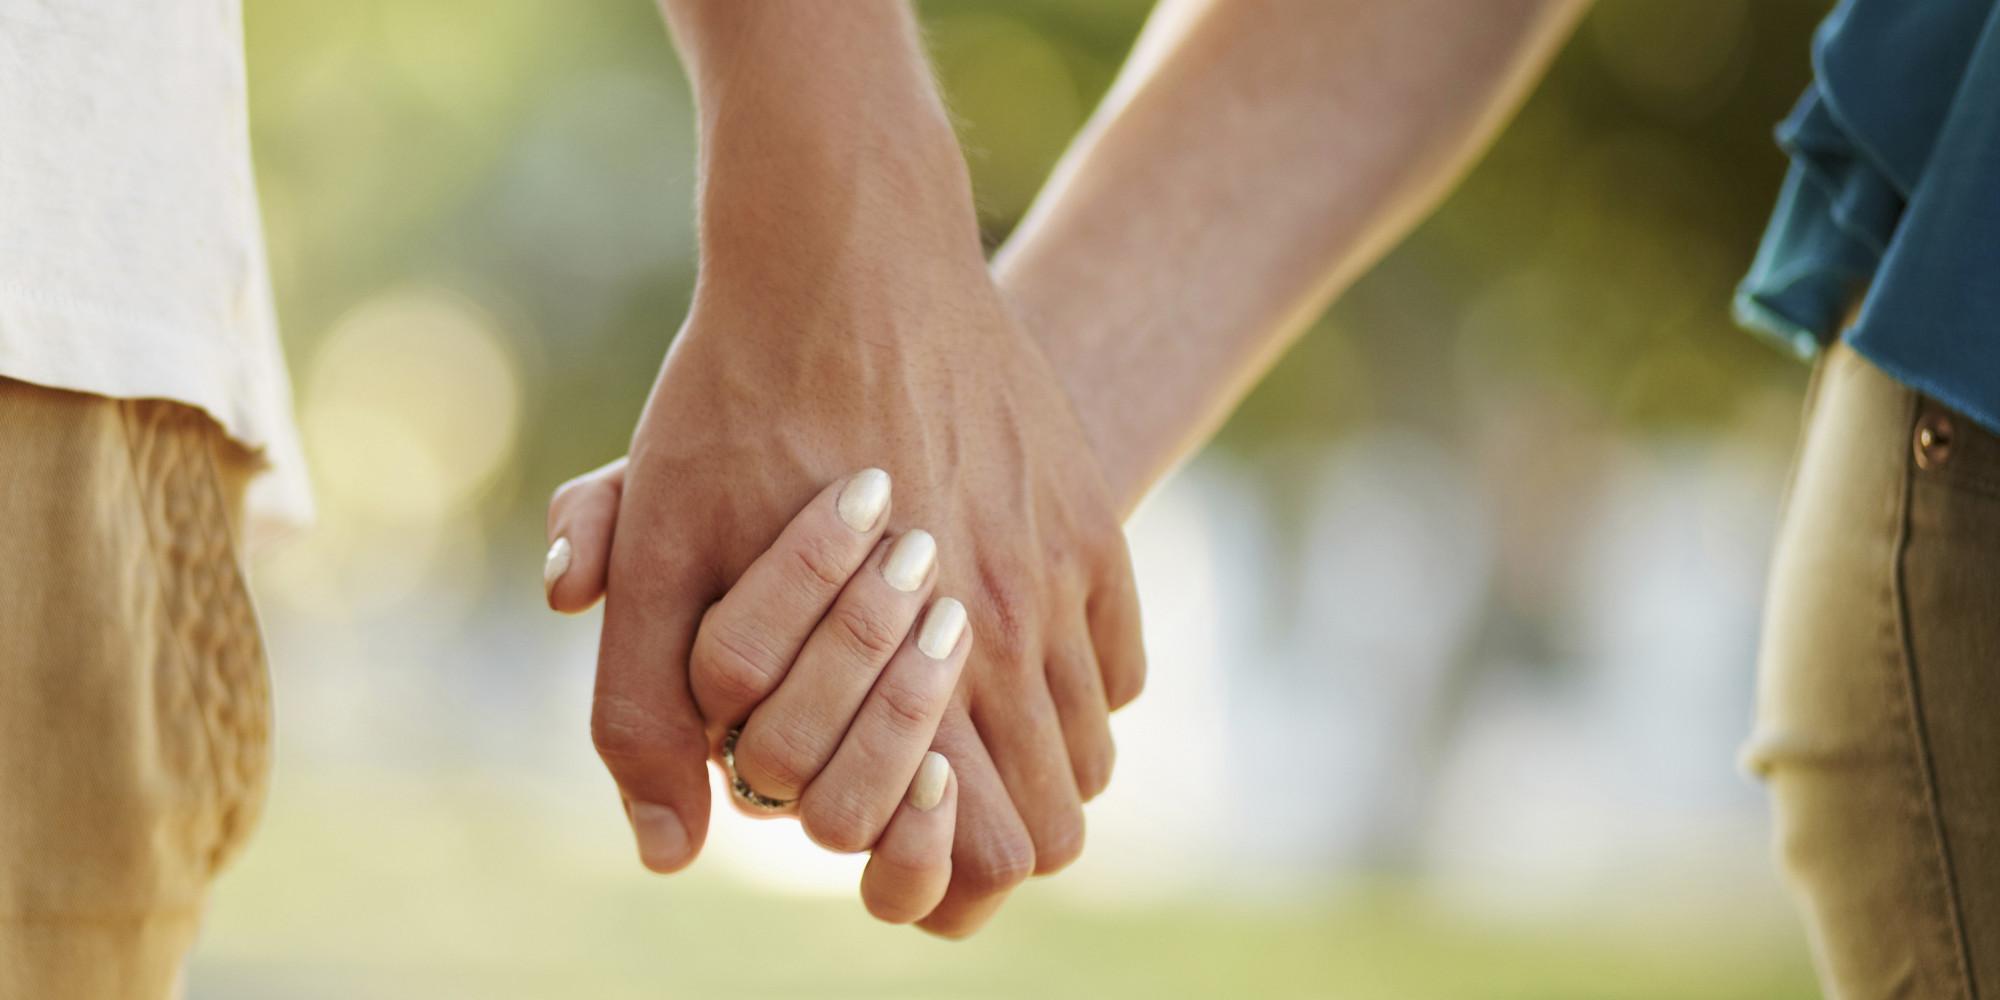 Vrijspraak voor onterechte beschuldiging van verkrachting door ex-partner